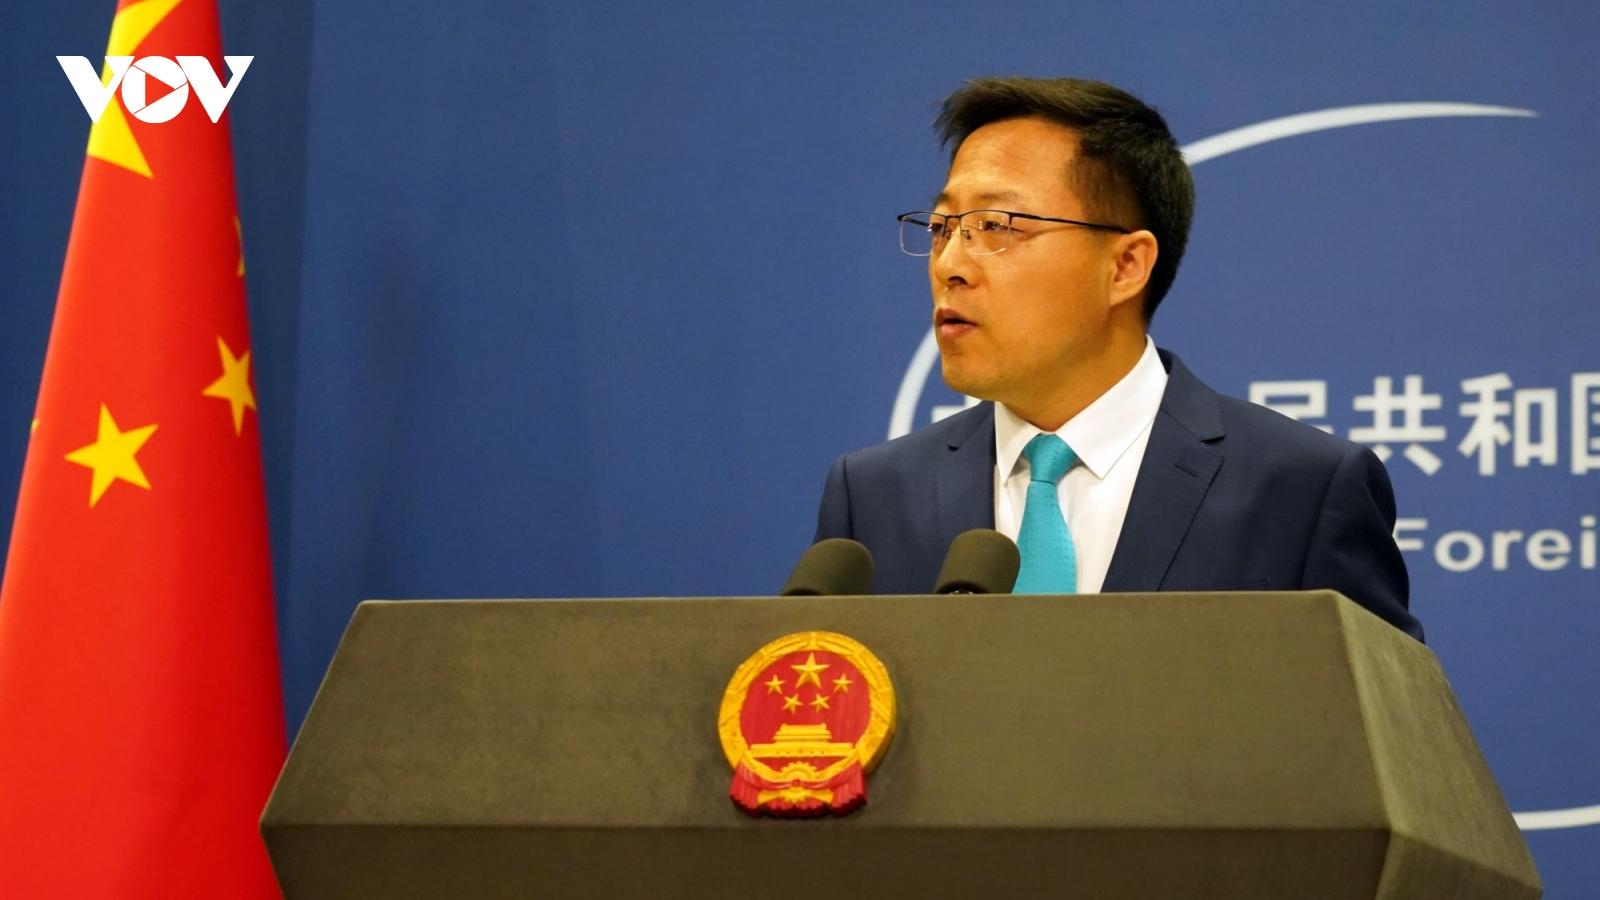 Trung Quốc liên tục đưa ra các chỉ trích về môi trường nhằm vào Mỹ